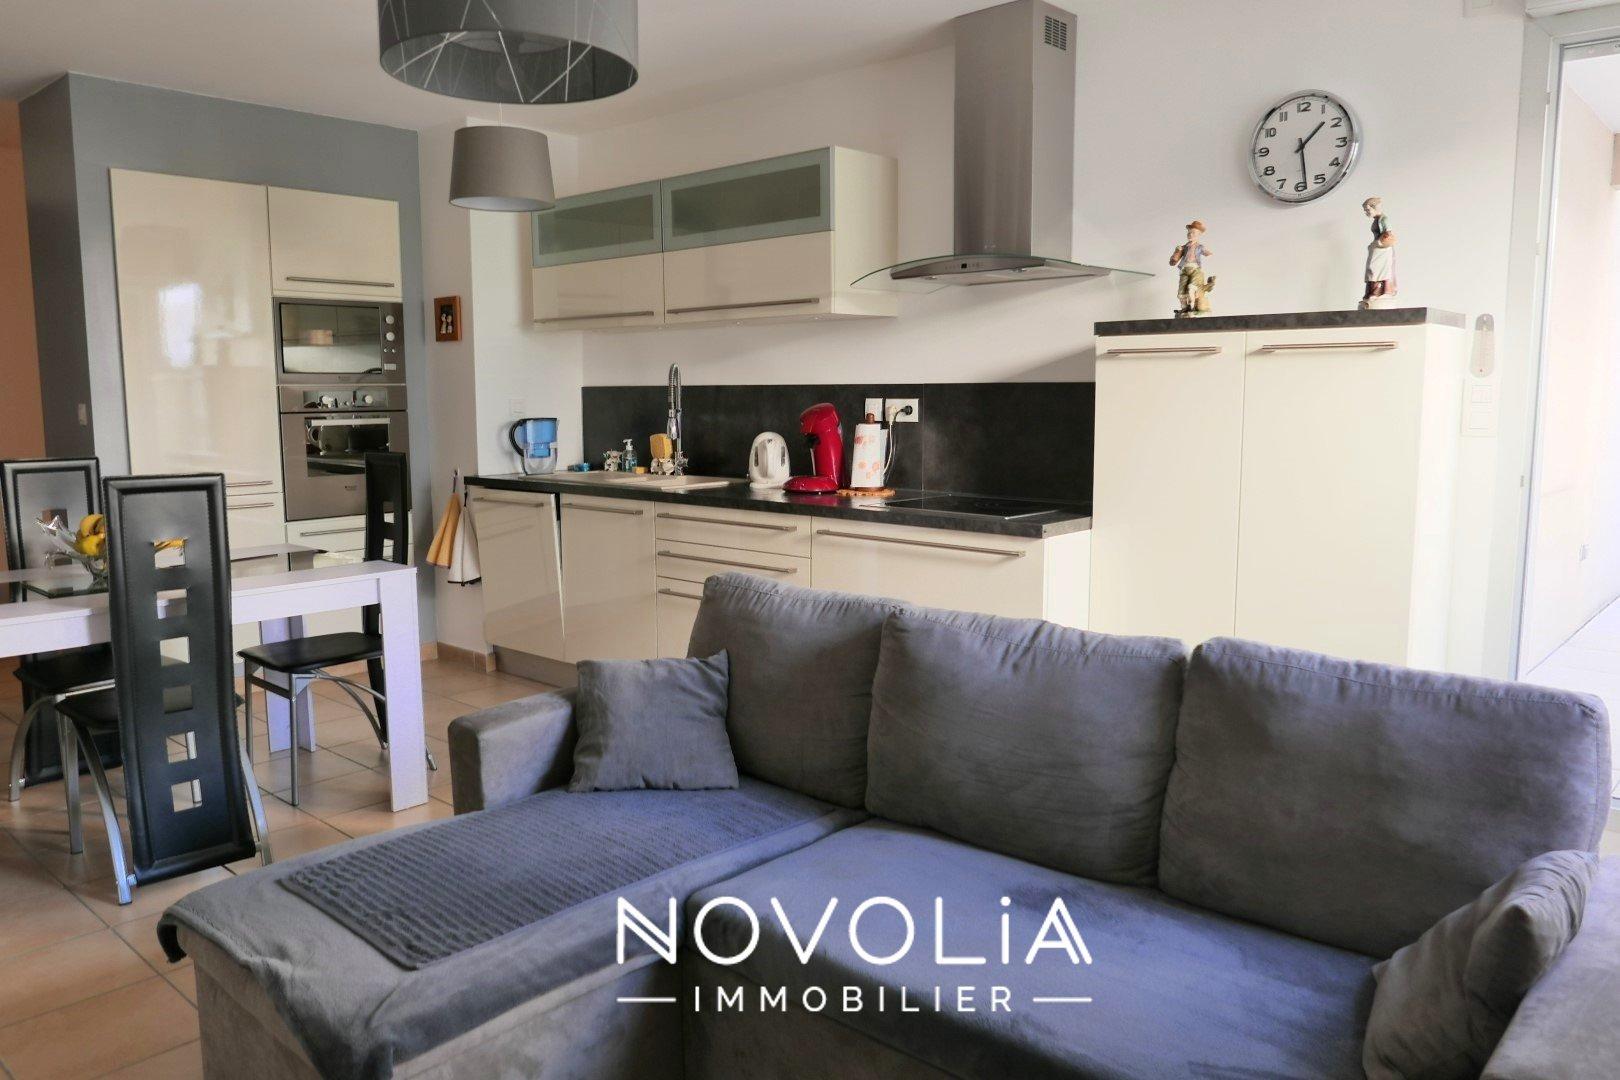 Achat Appartement Surface de 67.85 m²/ Total carrez : 67 m², 3 pièces, Lyon 8ème (69008)